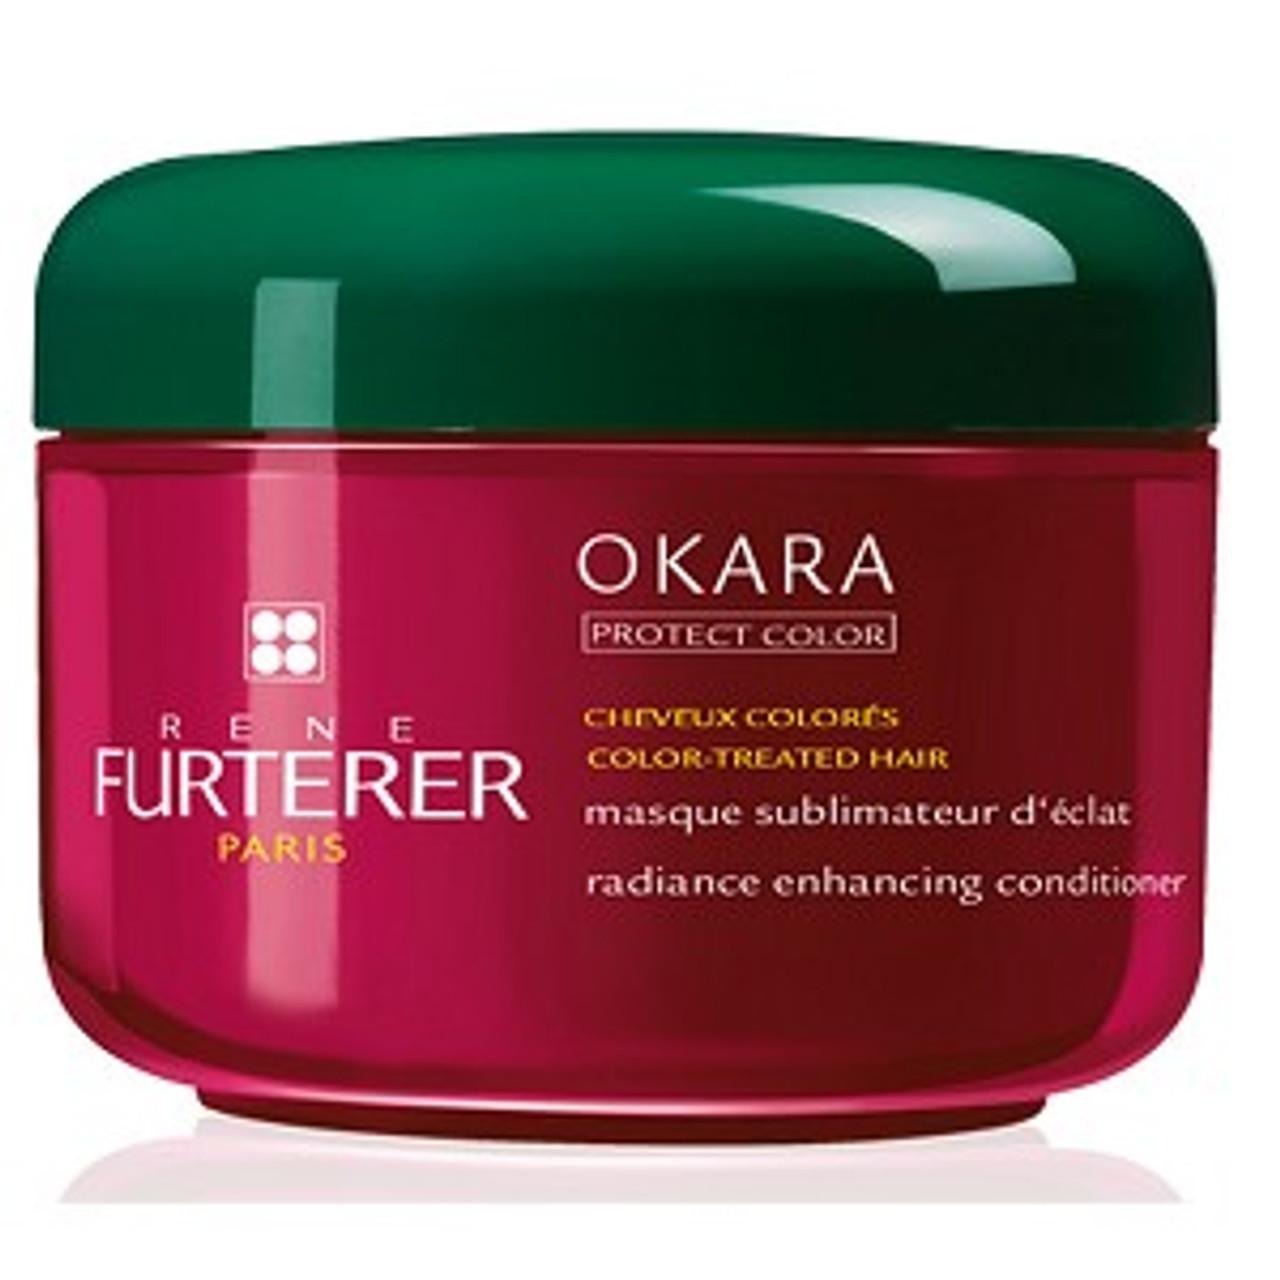 Rene Furterer Okara Radiance Conditioner Mask 6.8 oz